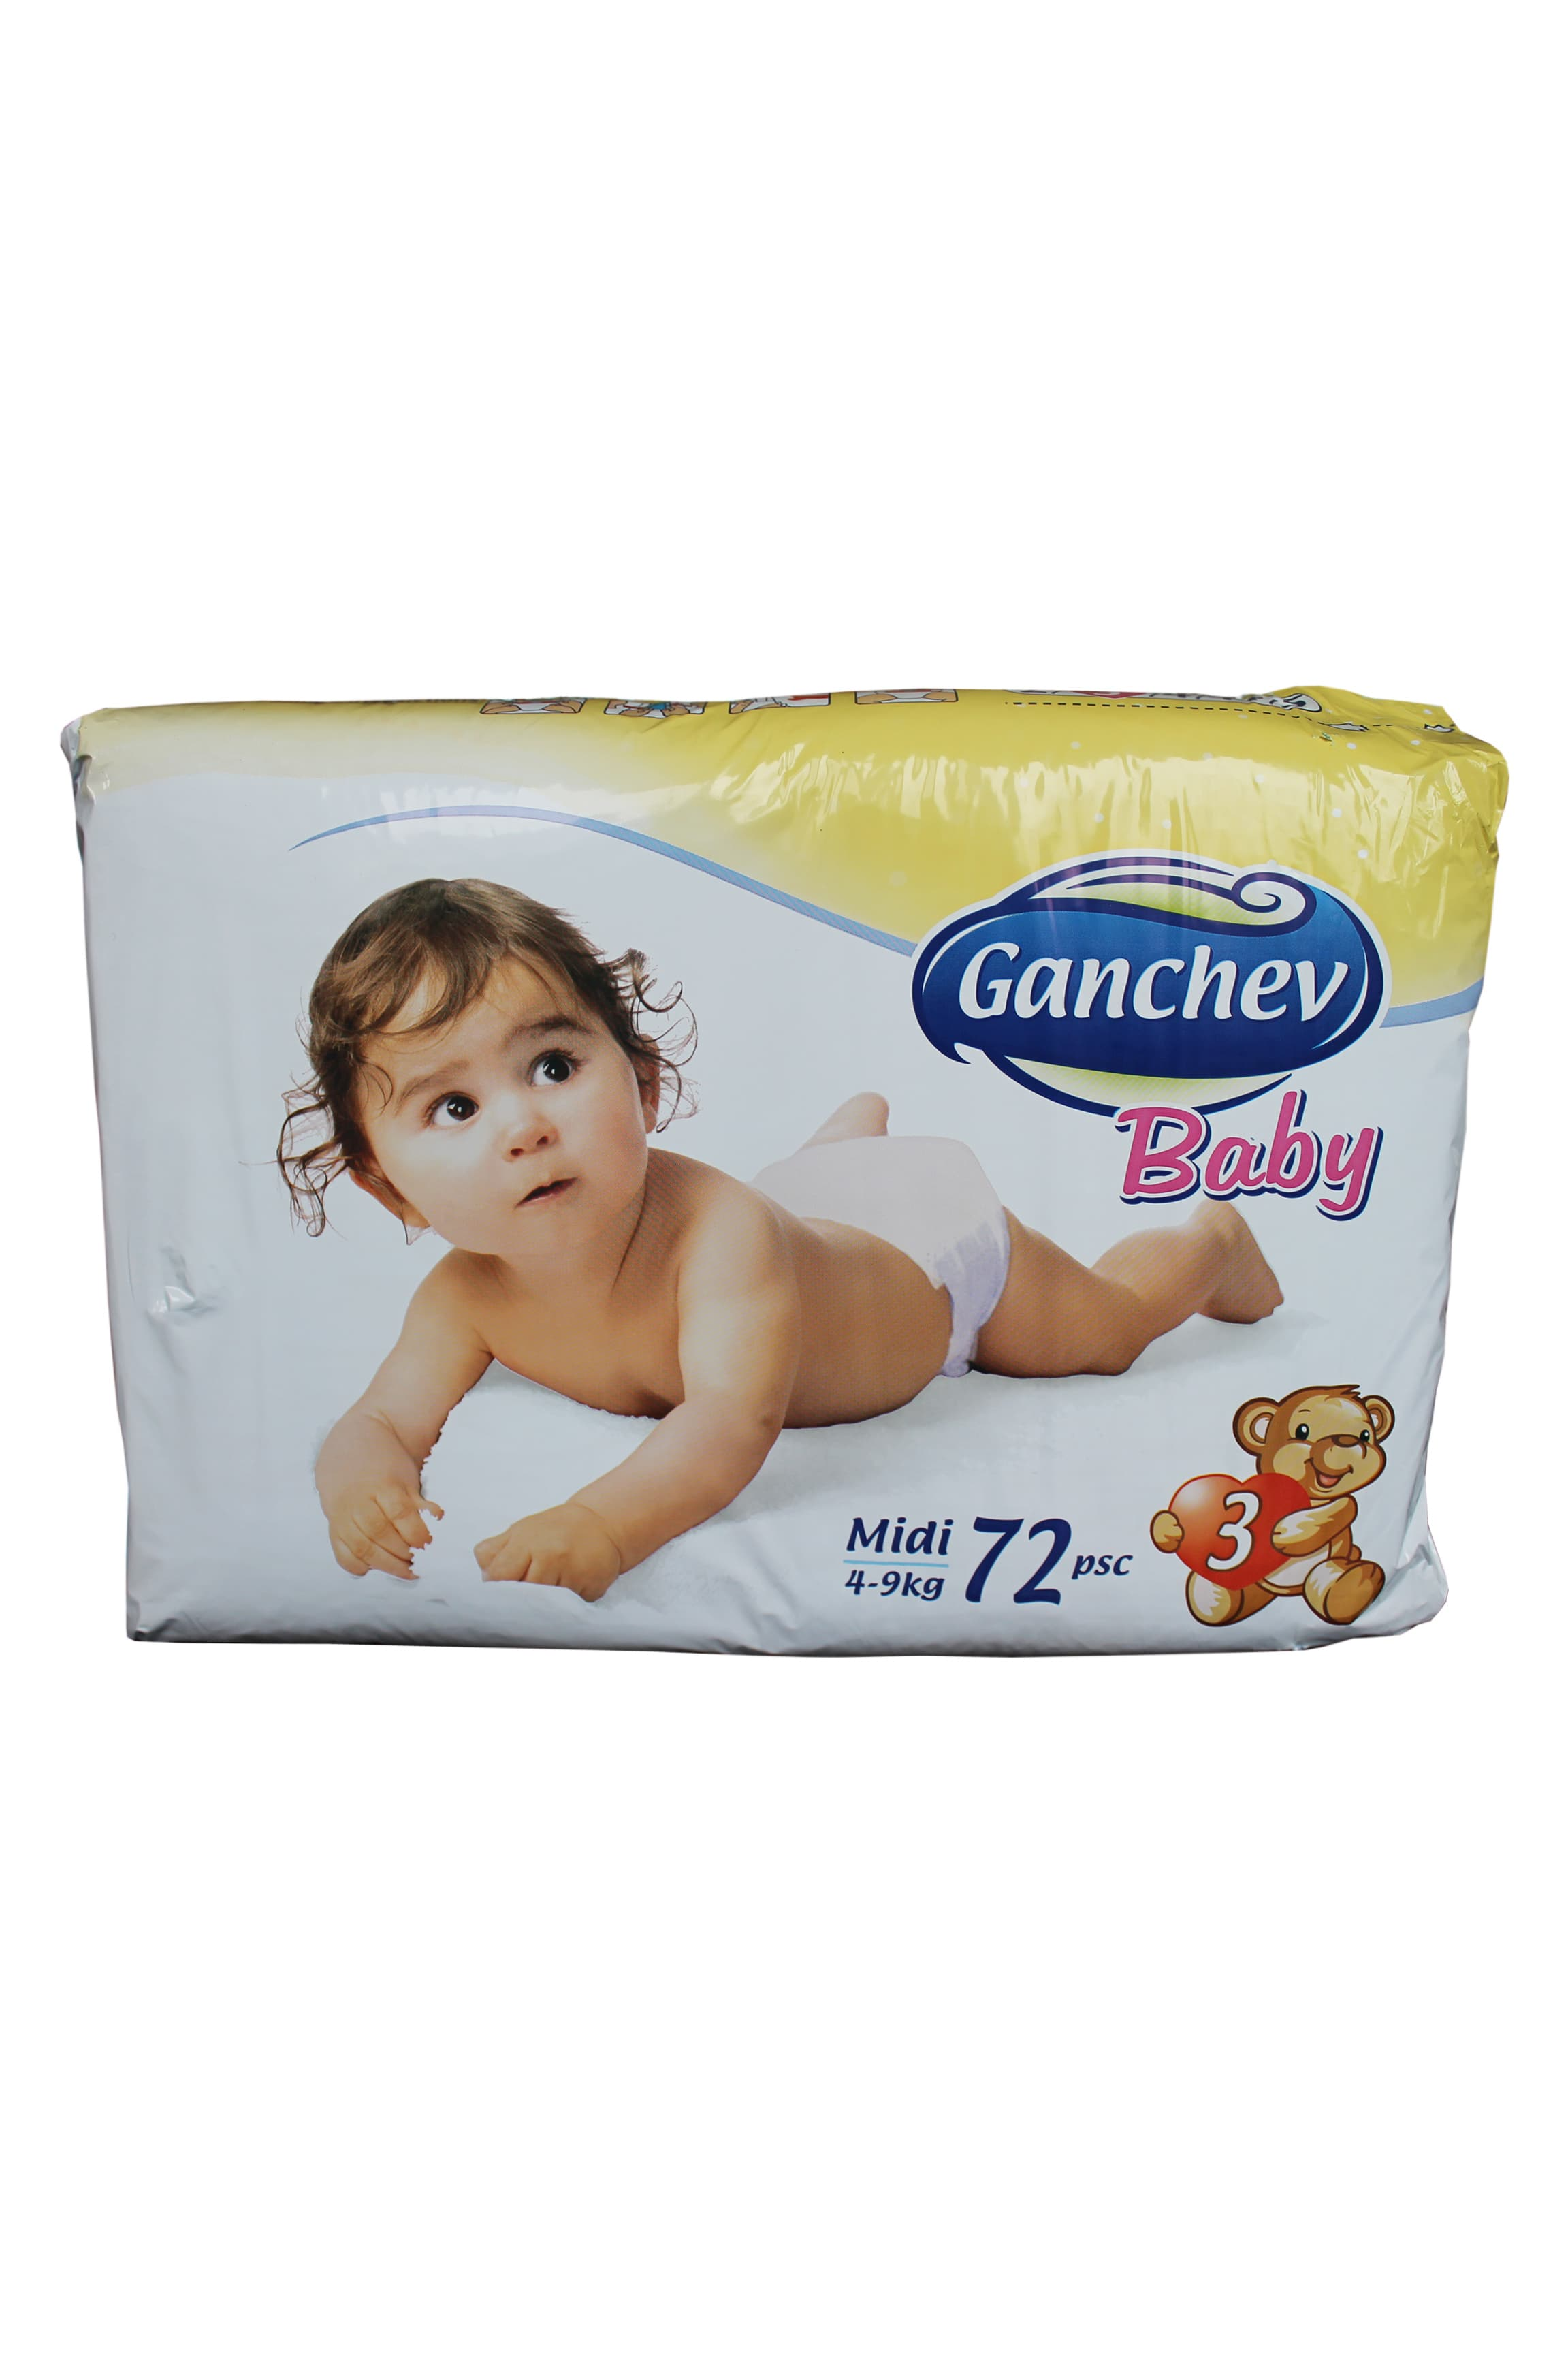 Ganchev-пелени Midi3 4-9кг 72бр